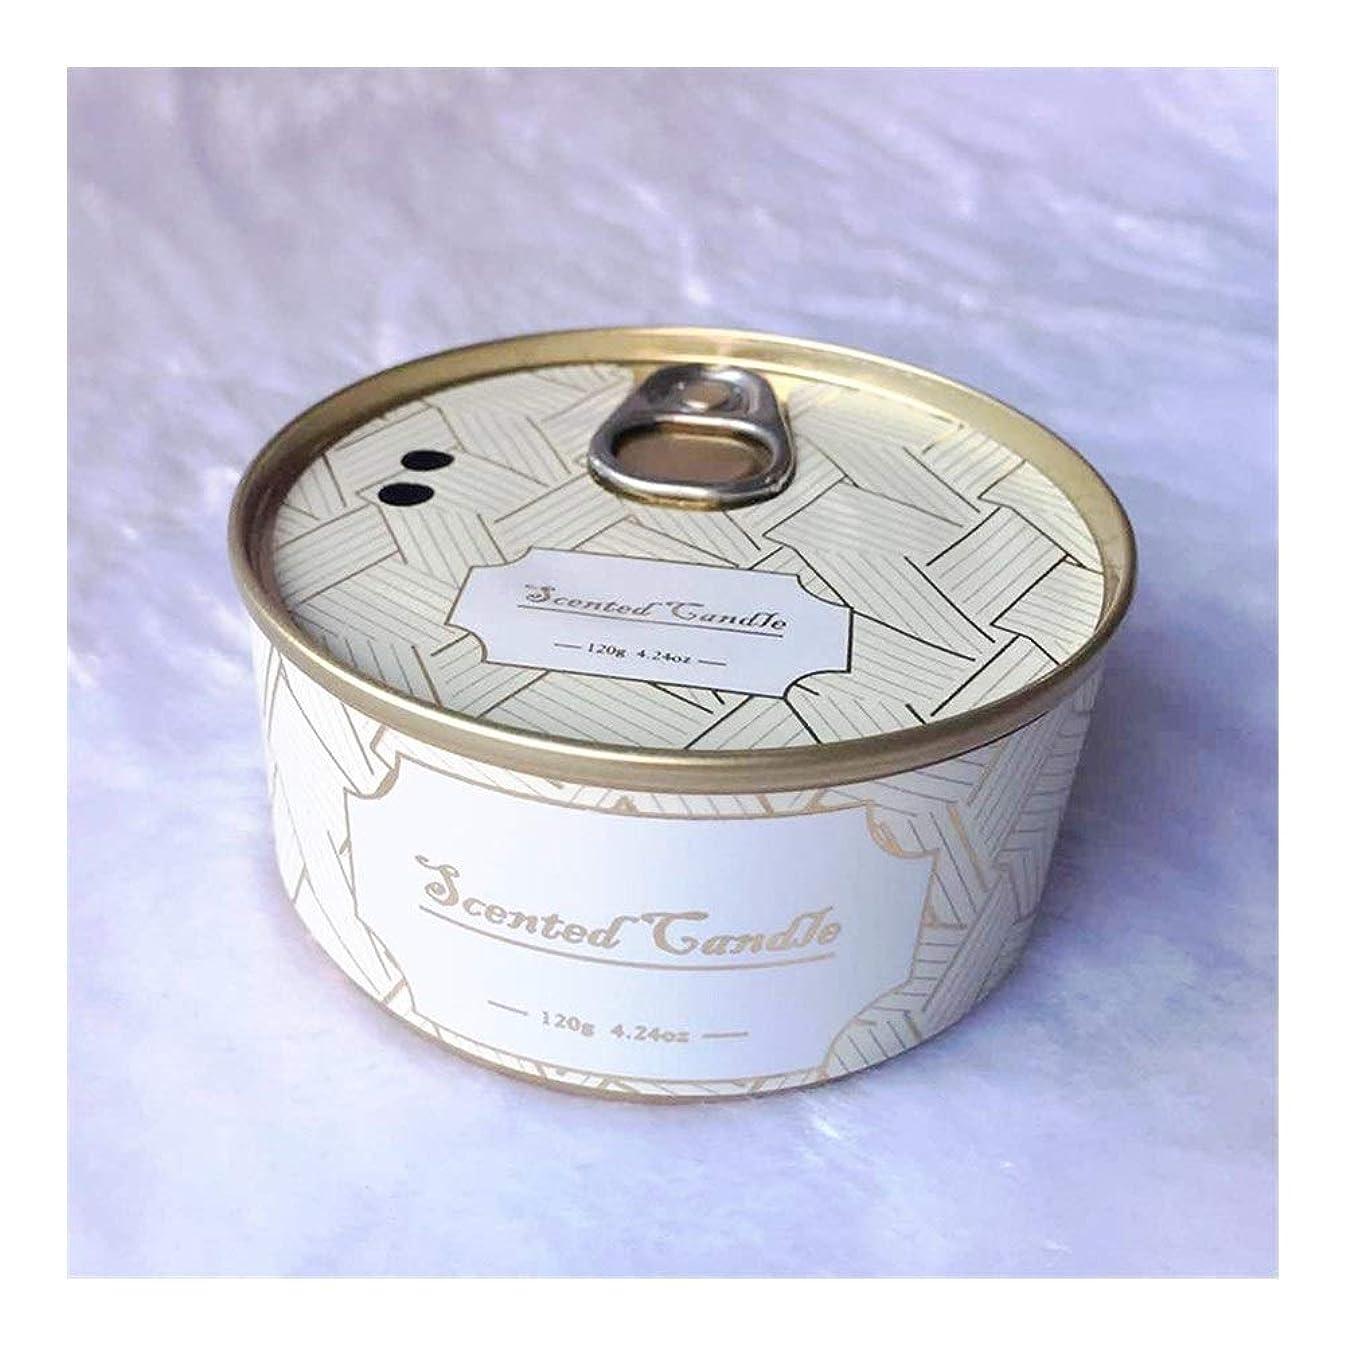 暖かさ逮捕真向こうGuomao ブリキ缶植物エッセンシャルオイル大豆ワックスジュニパーラベンダーの香りのキャンドル (色 : Lavender)